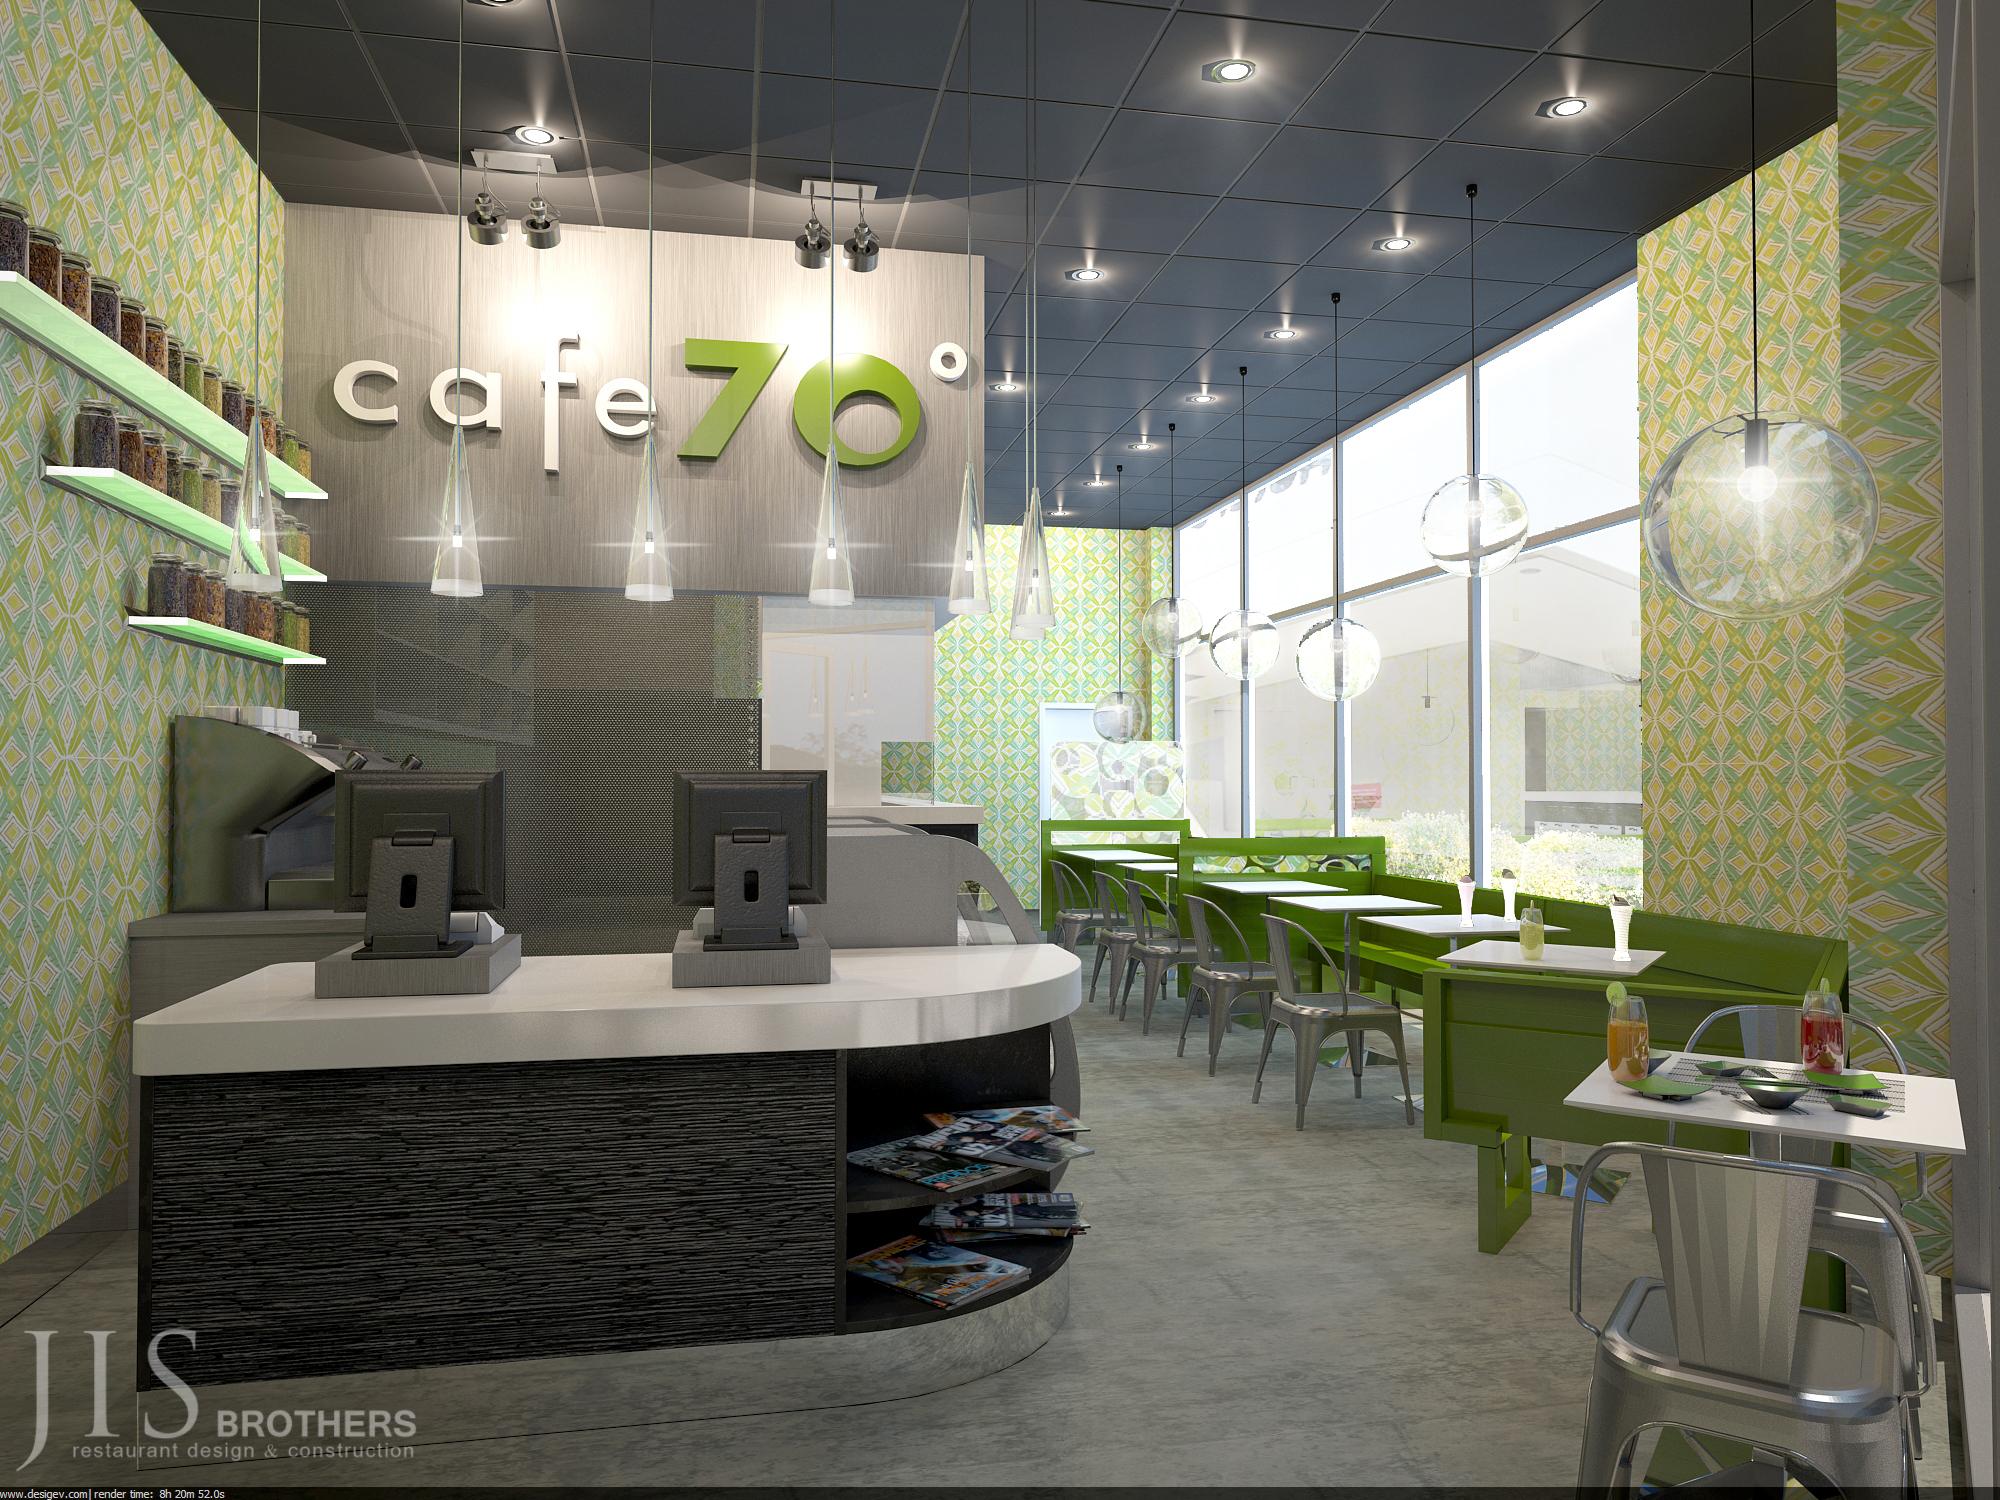 Cafe 70° - 3D design